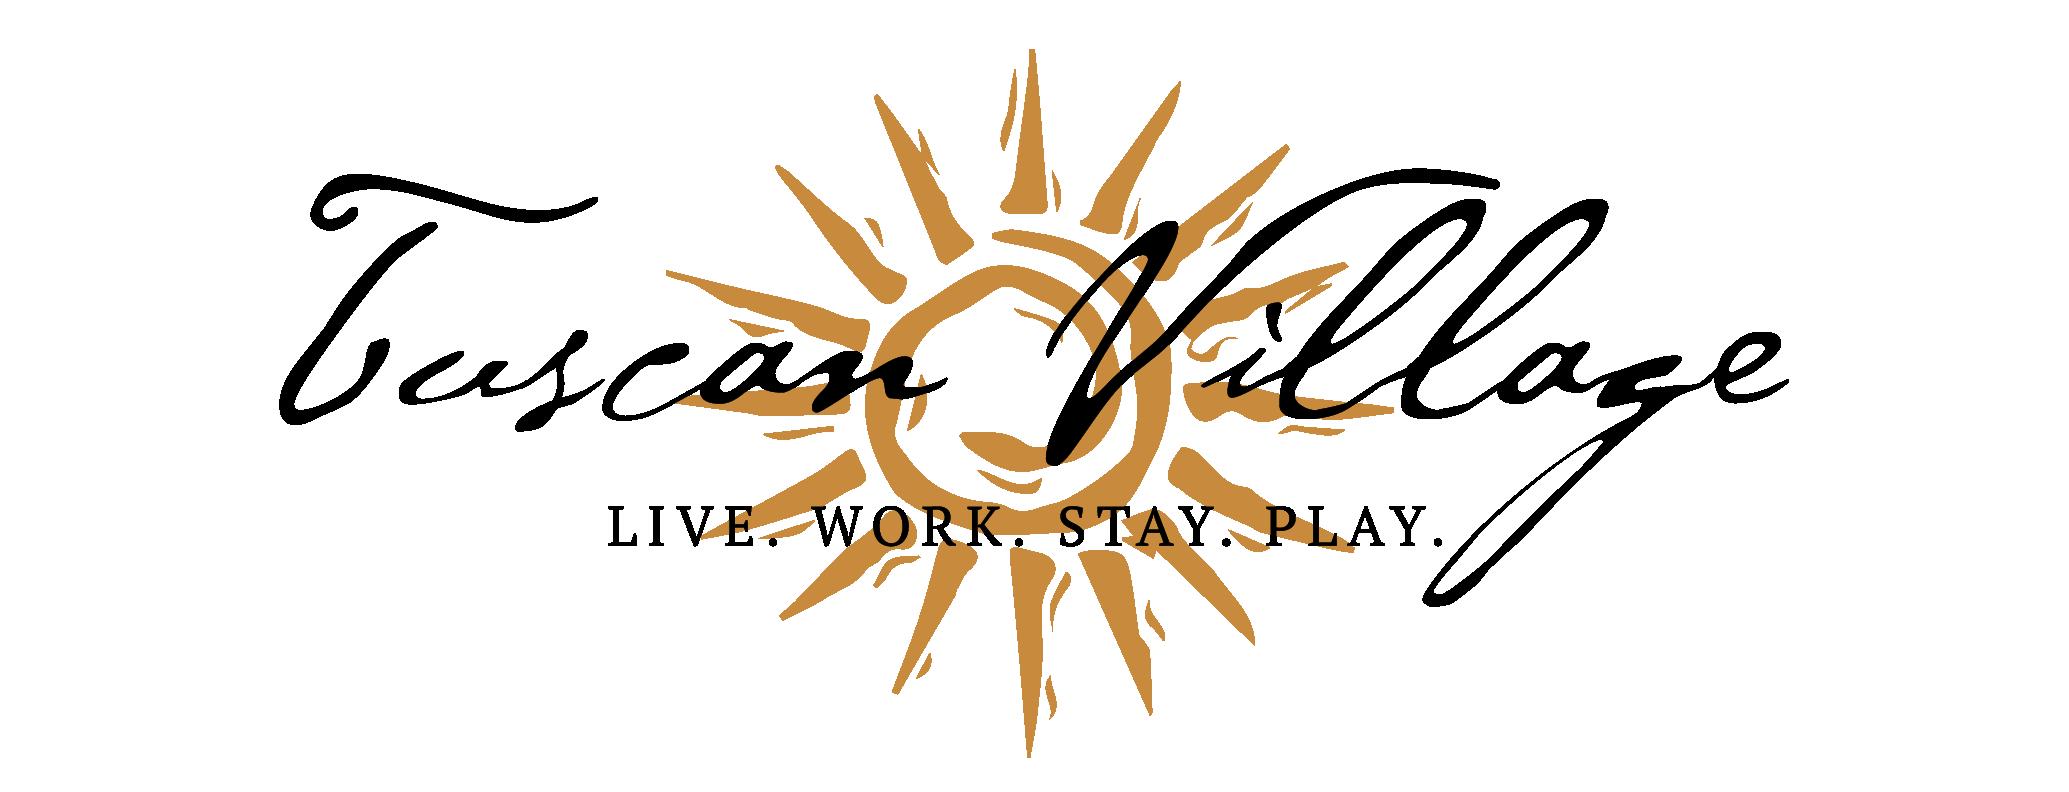 Tuscan-Village-Logos-01 (1)